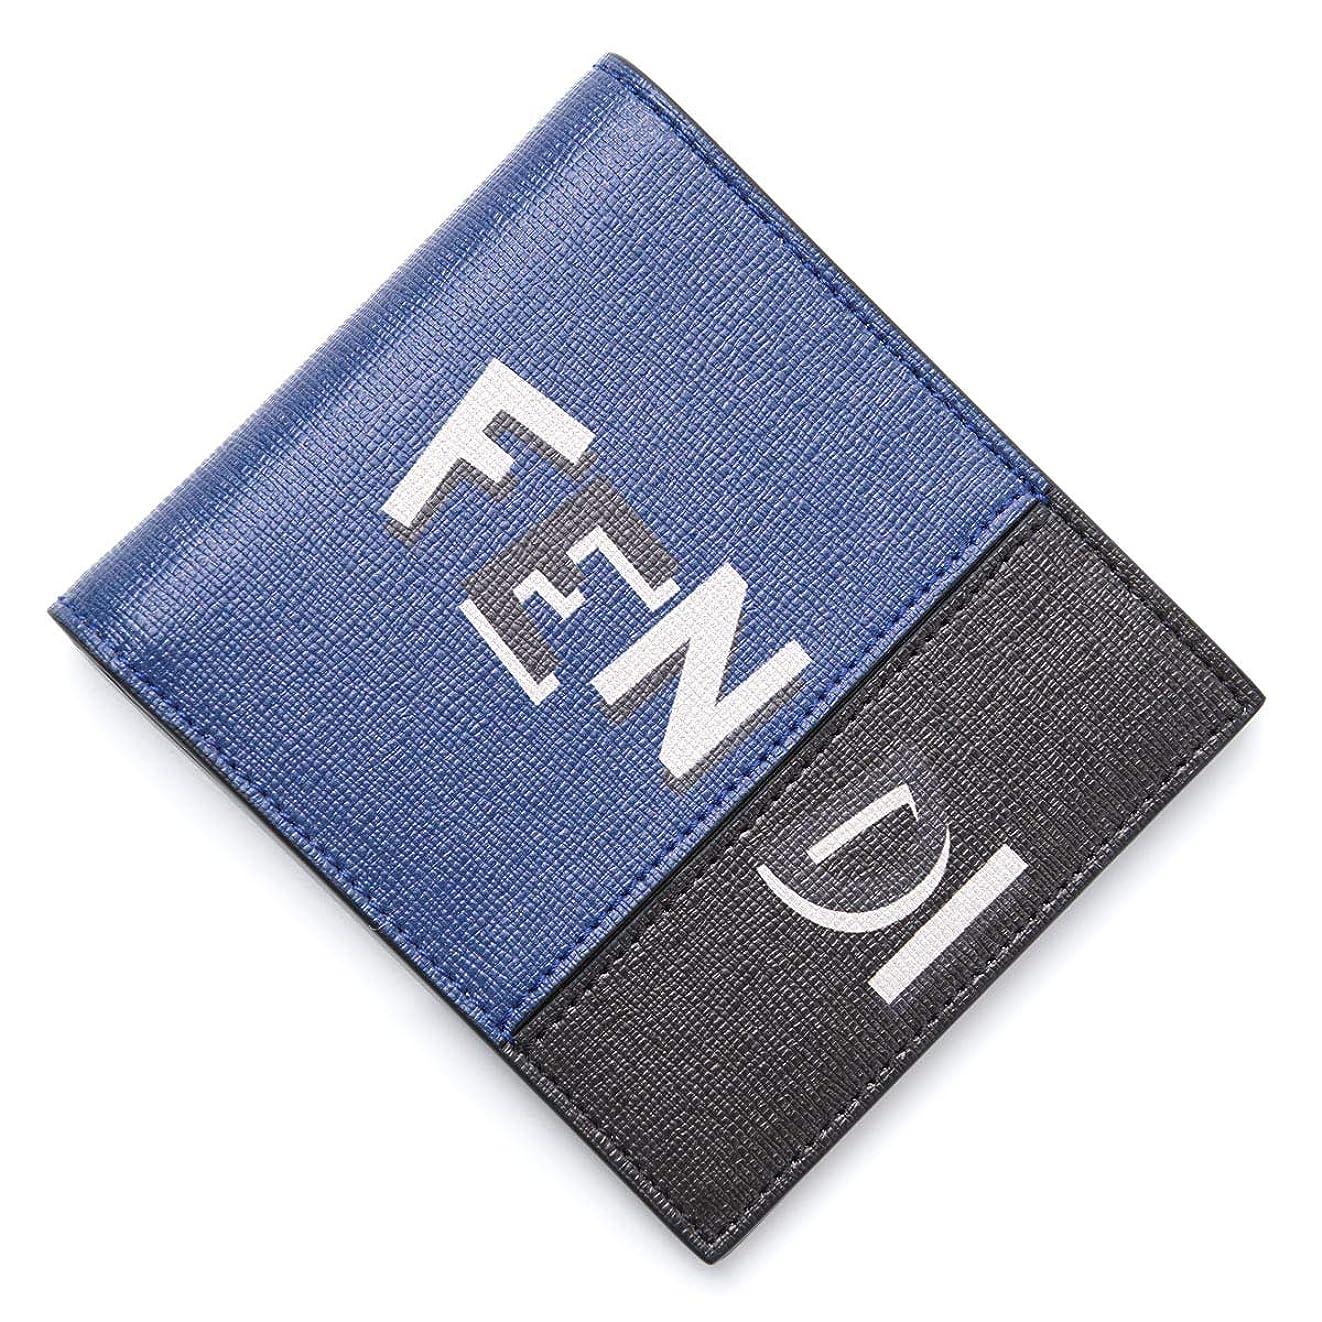 羽出撃者ネイティブ(フェンディ) FENDI 2つ折り財布 [並行輸入品]